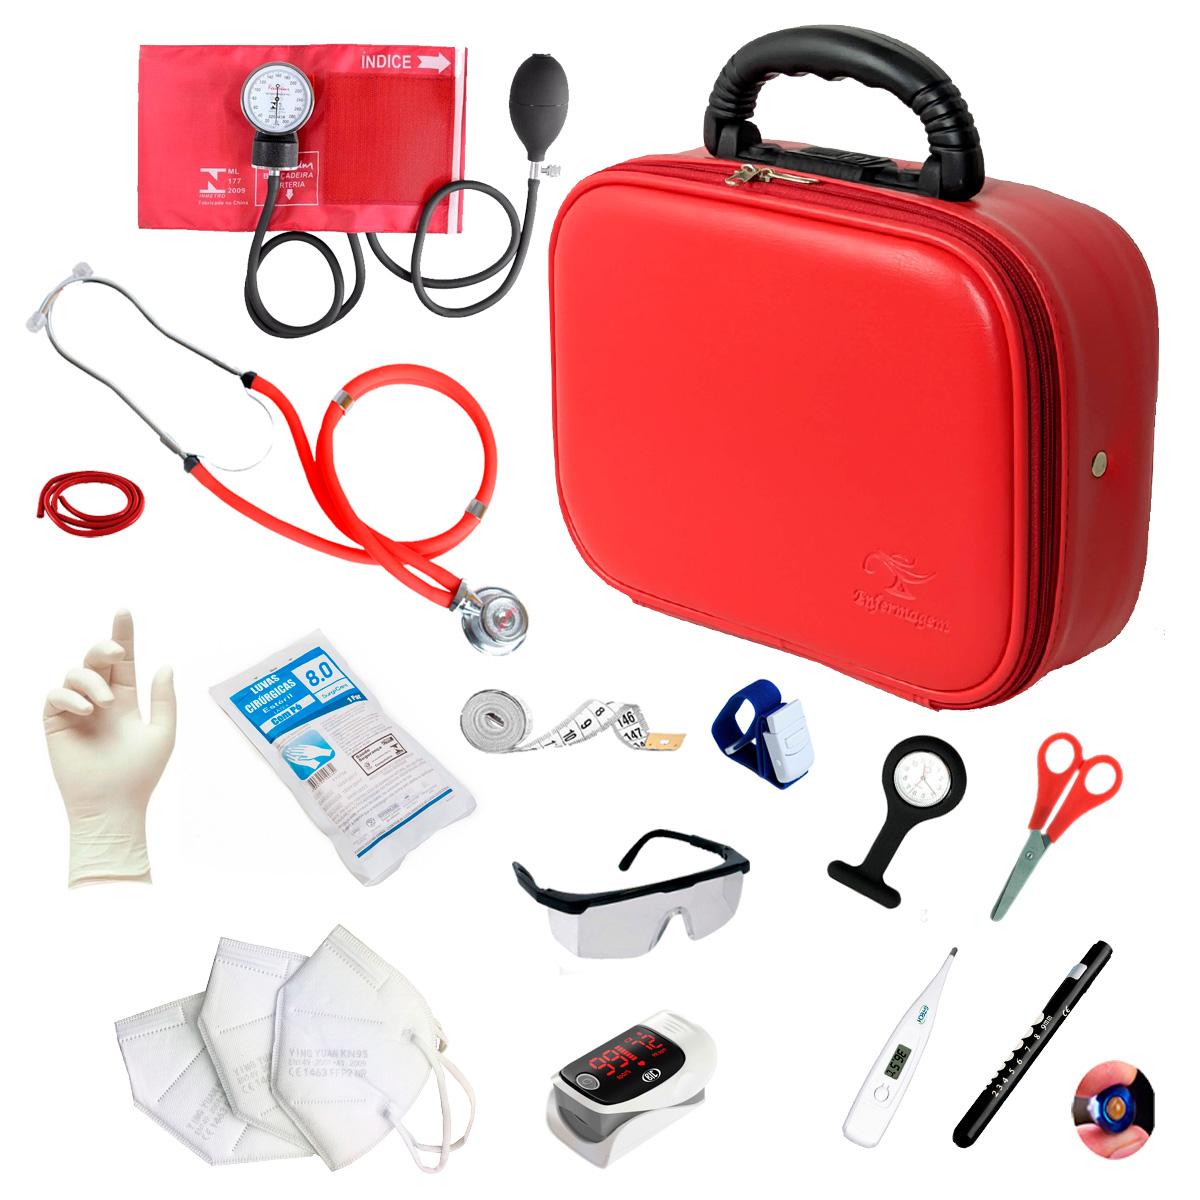 Kit Enfermagem Completo Com Oxímetro E Maleta Acadêmica Luxo Cor:Vermelho